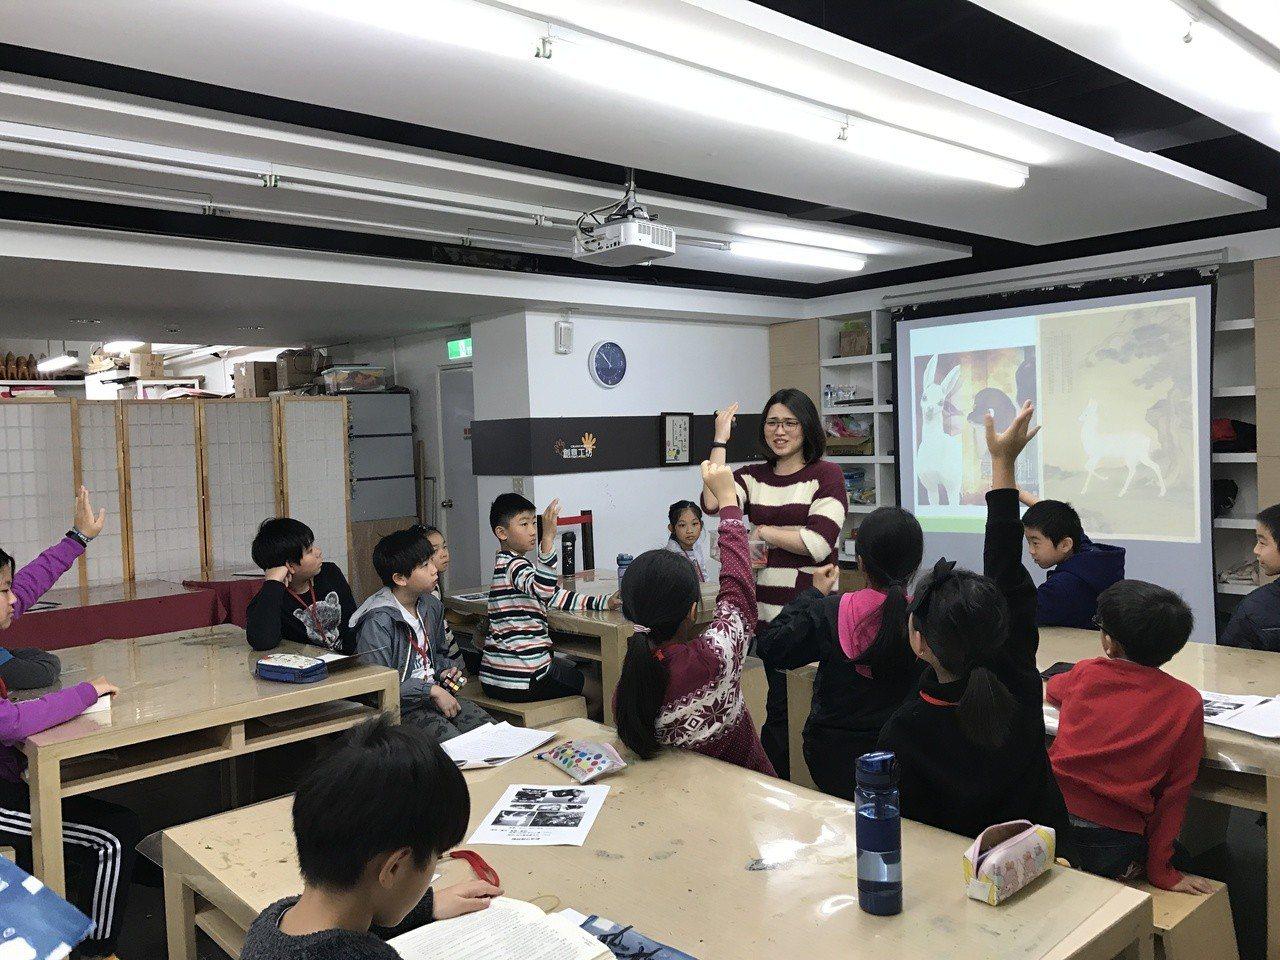 故宮兒童藝享創作課程課程上課情形。圖/故宮提供